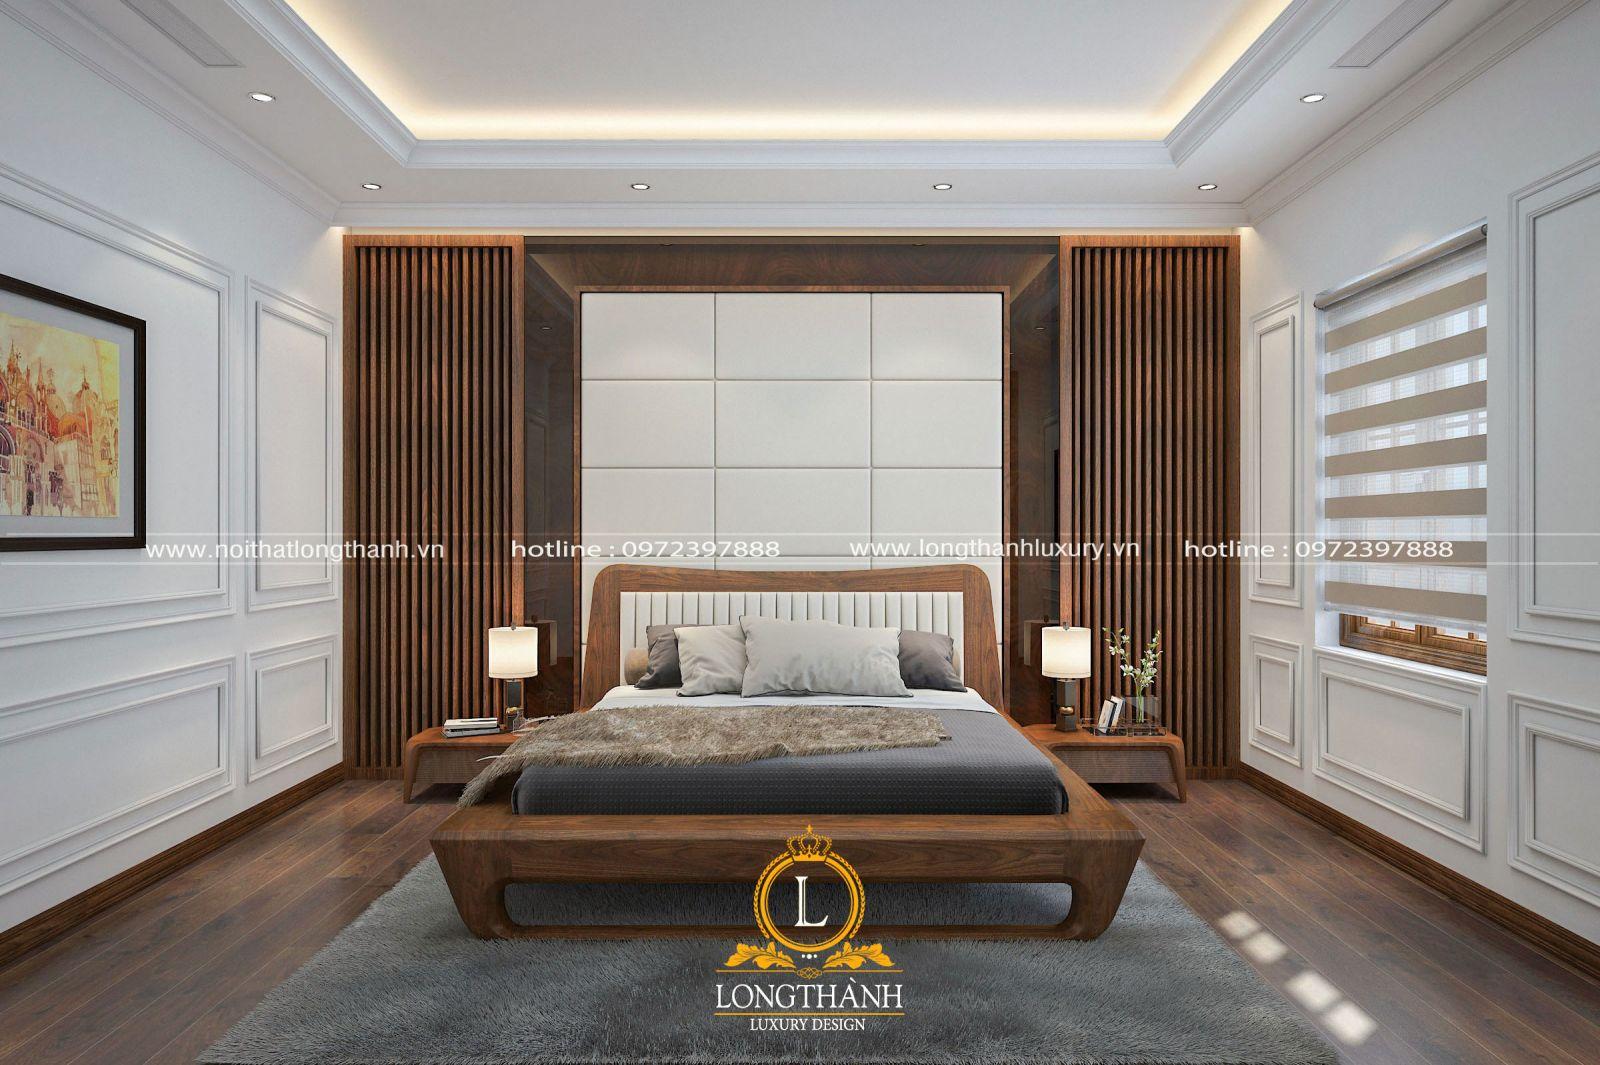 Phòng ngủ master được bài trí sang trọng thể hiện đẳng cấp không gian sống của chủ nhân